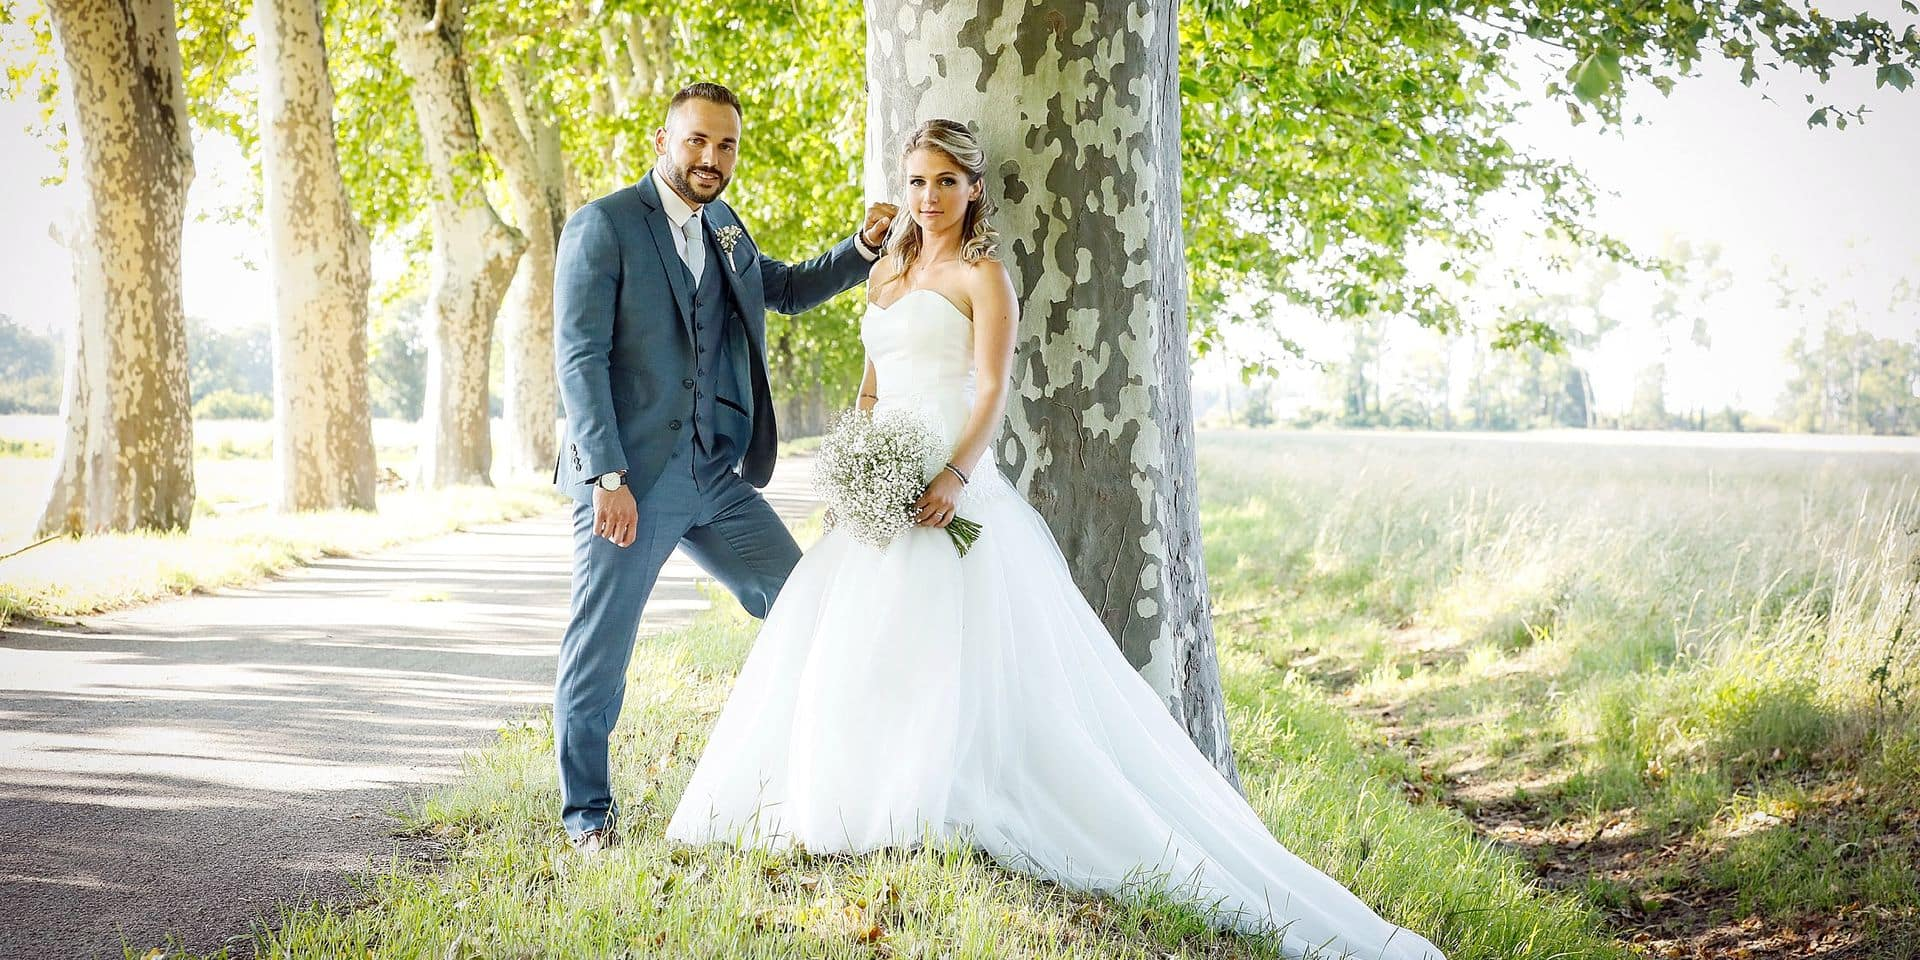 Mariés au premier regard de retour sur RTL - DH Les Sports+